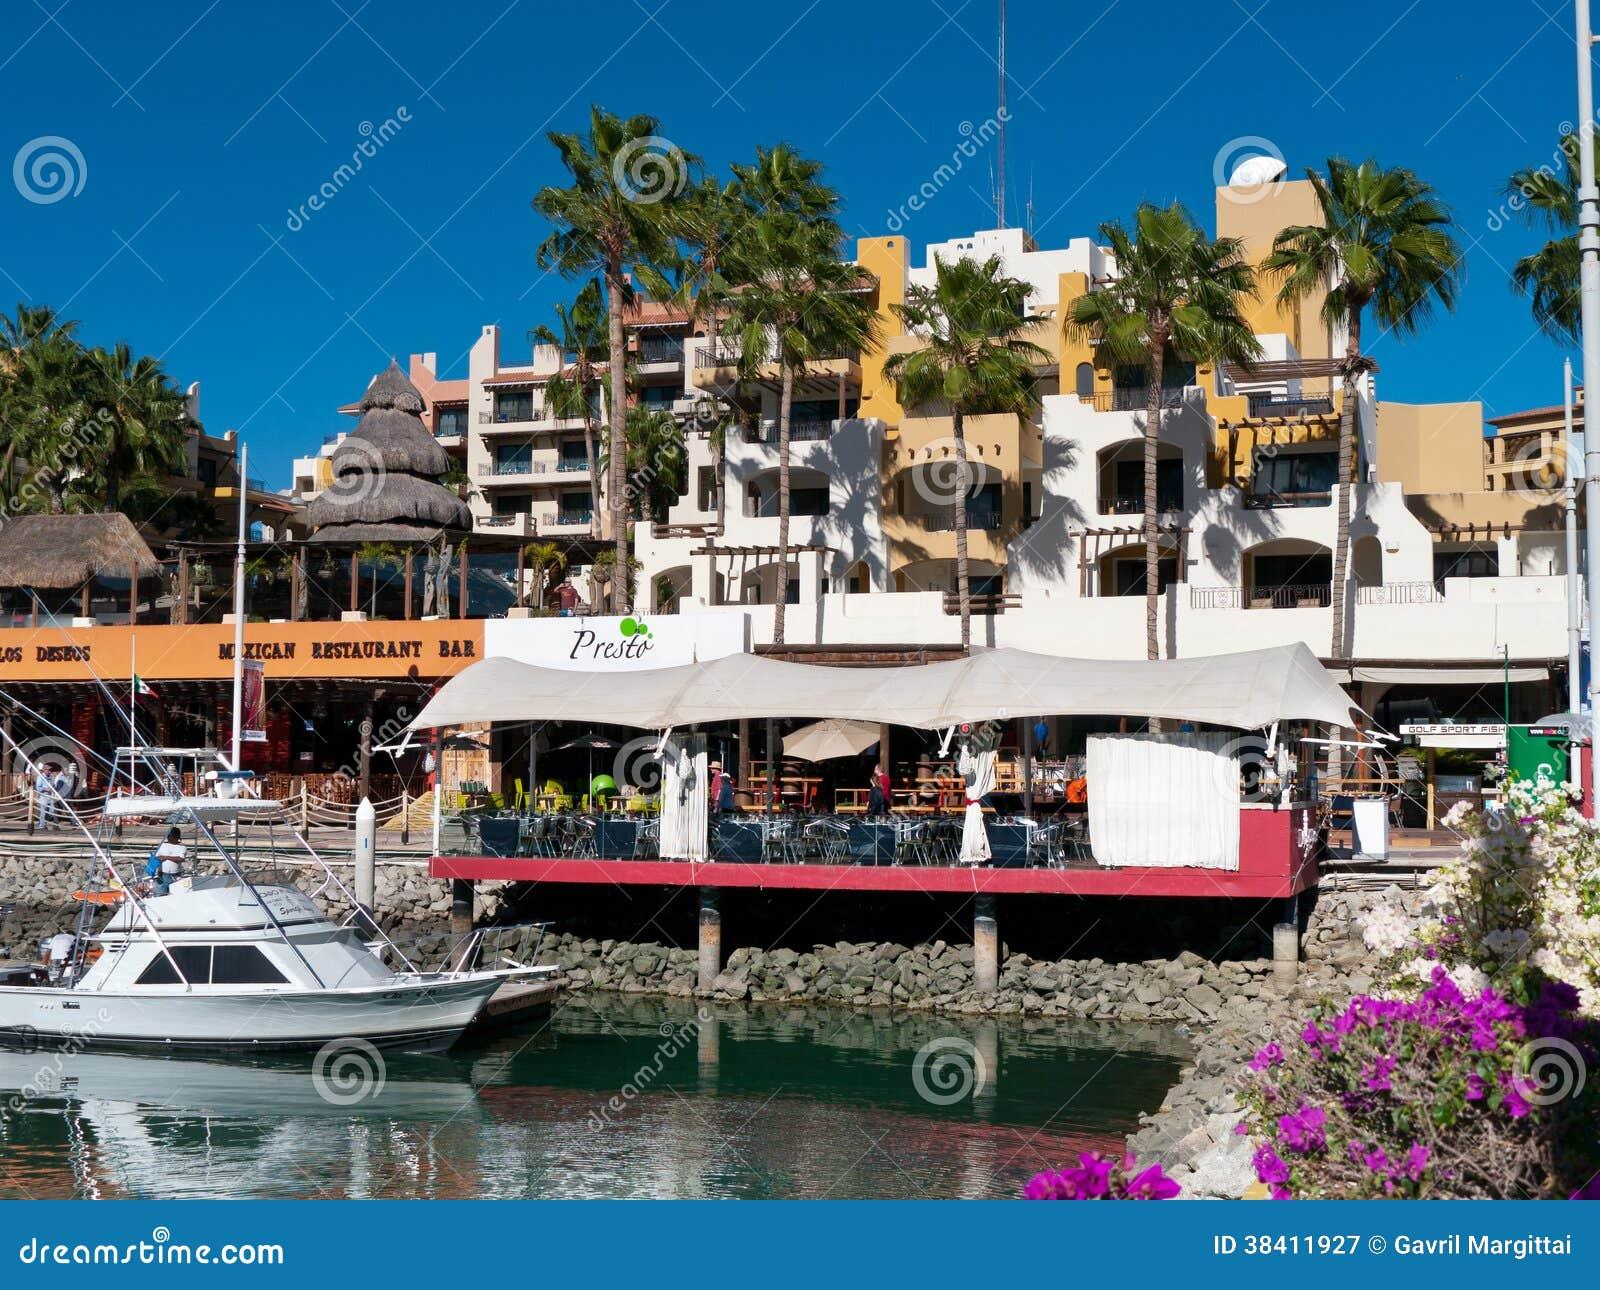 餐馆,渔船,奔忙.